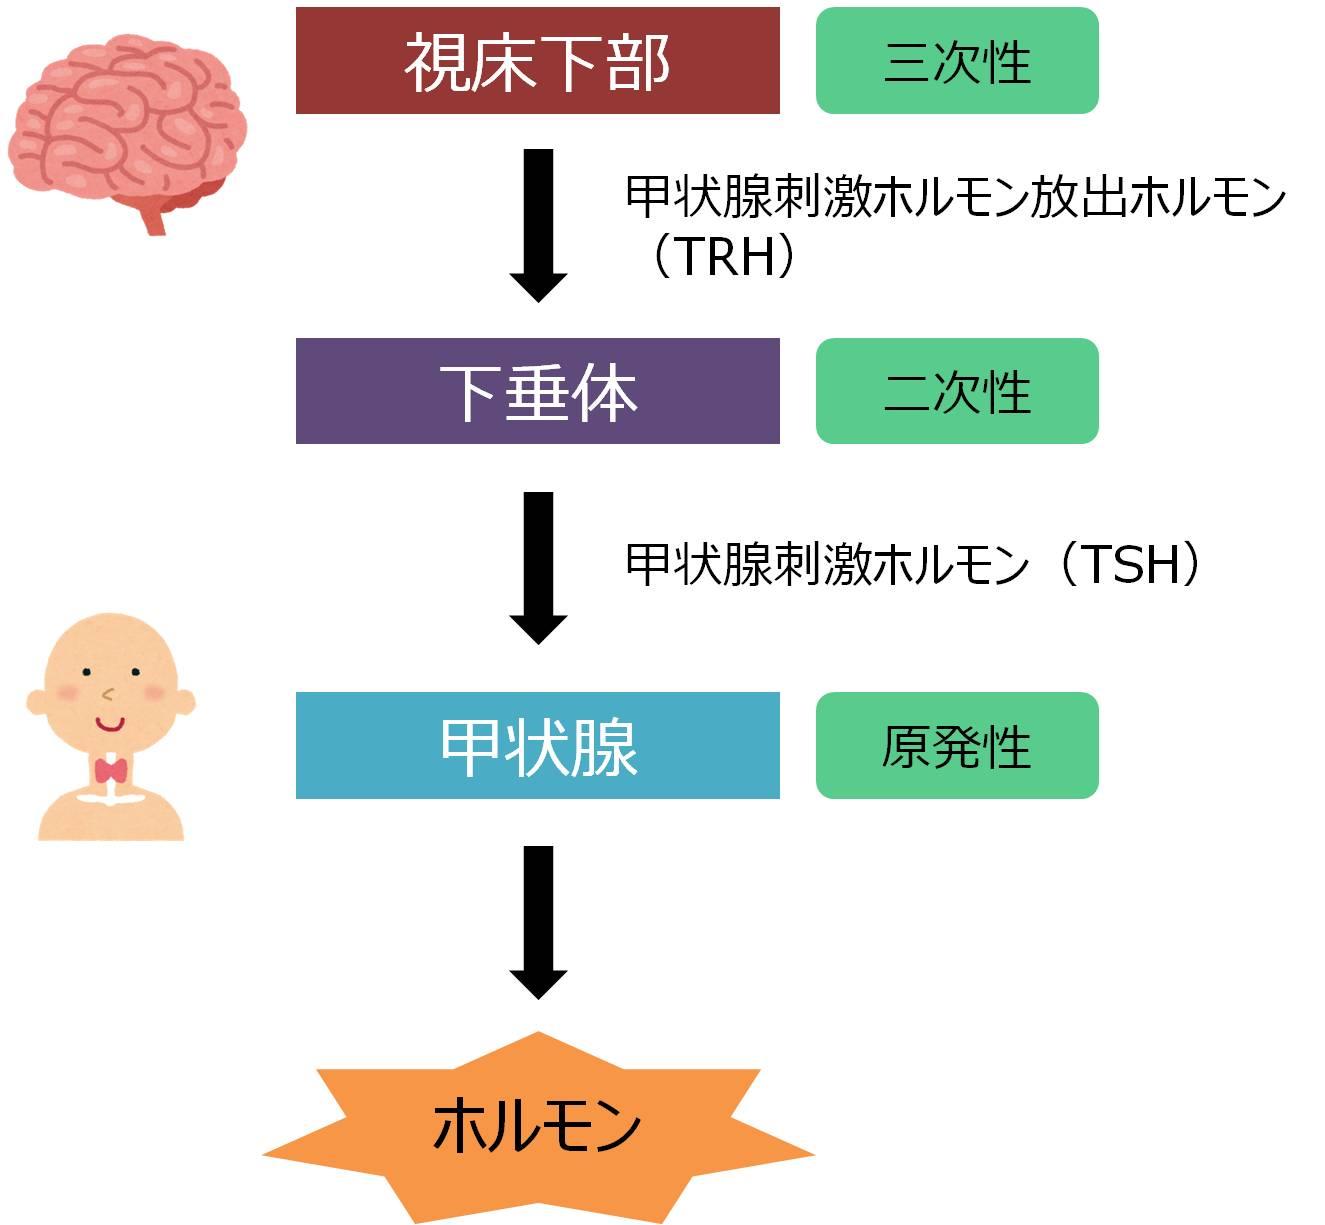 甲状腺ホルモン 分泌 合成